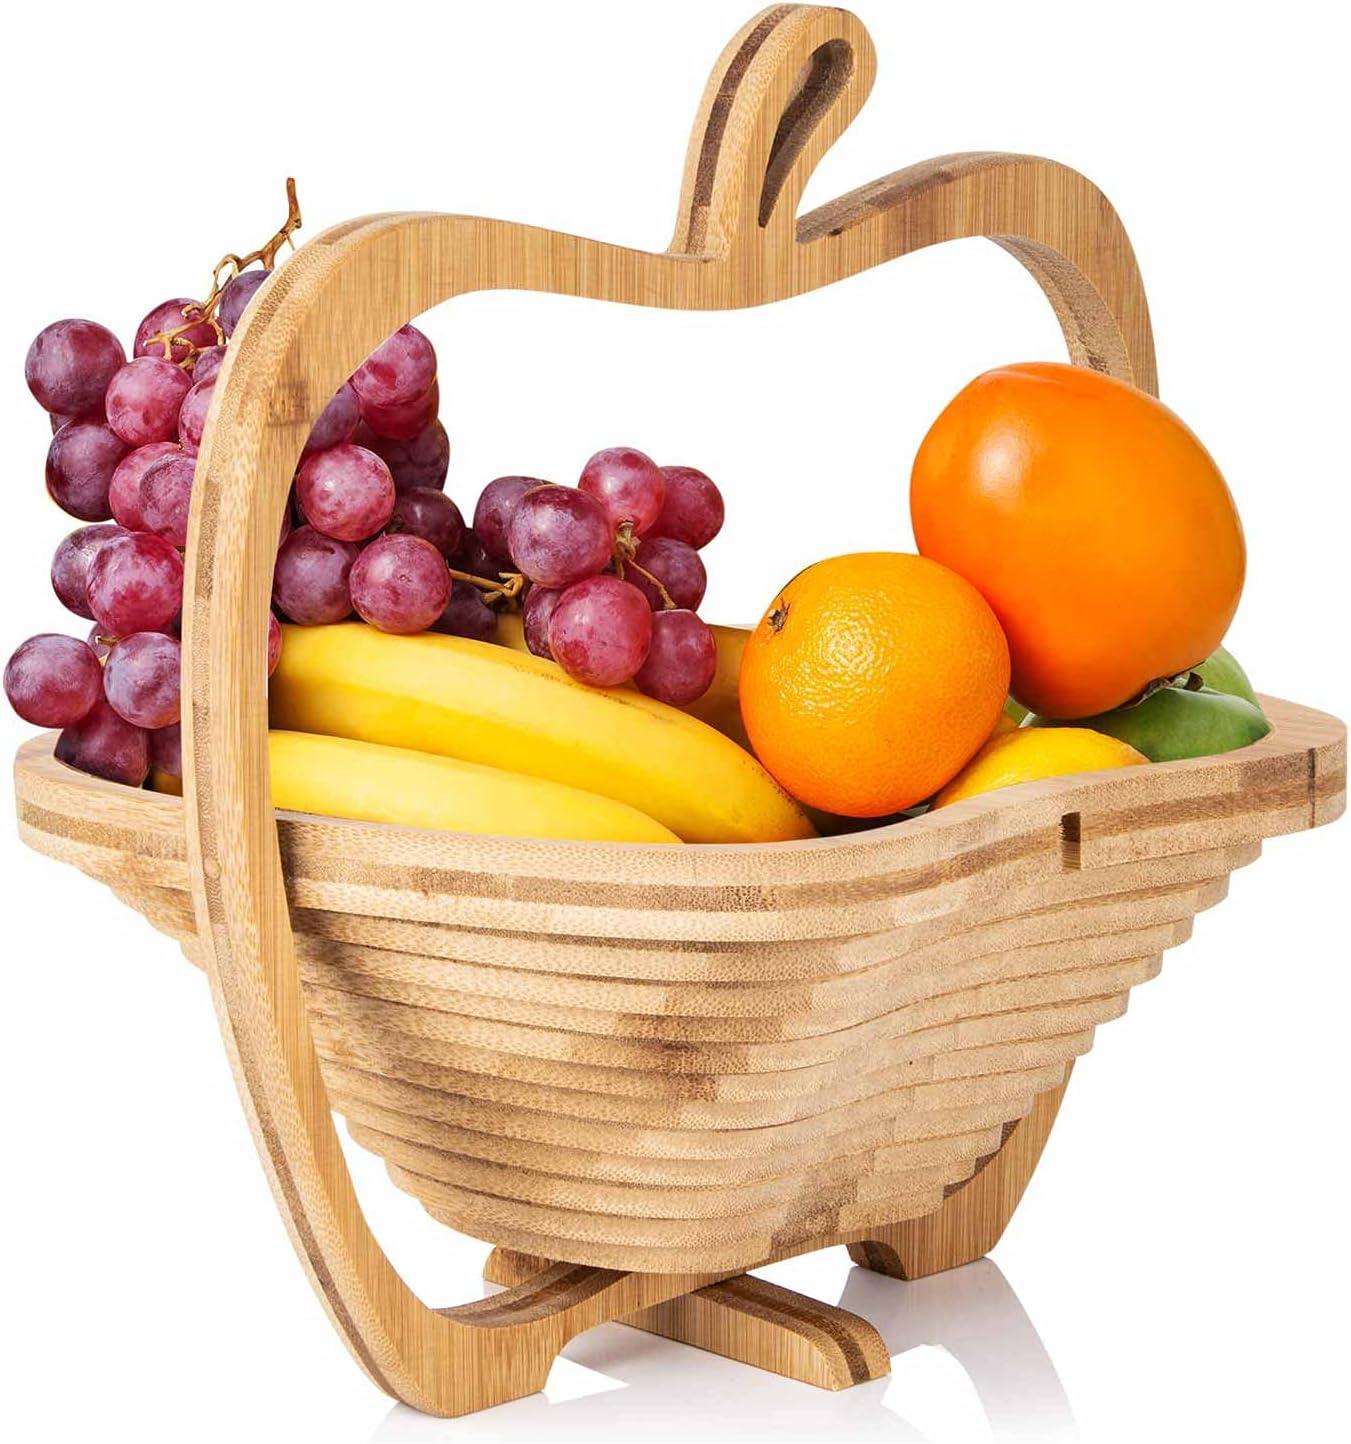 Cesta de fruta plegable de bambú Dimono®, frutero, verdulero y trébede cesta plegable y tabla de cortar, 3 en 1 en bonito diseño de manzana